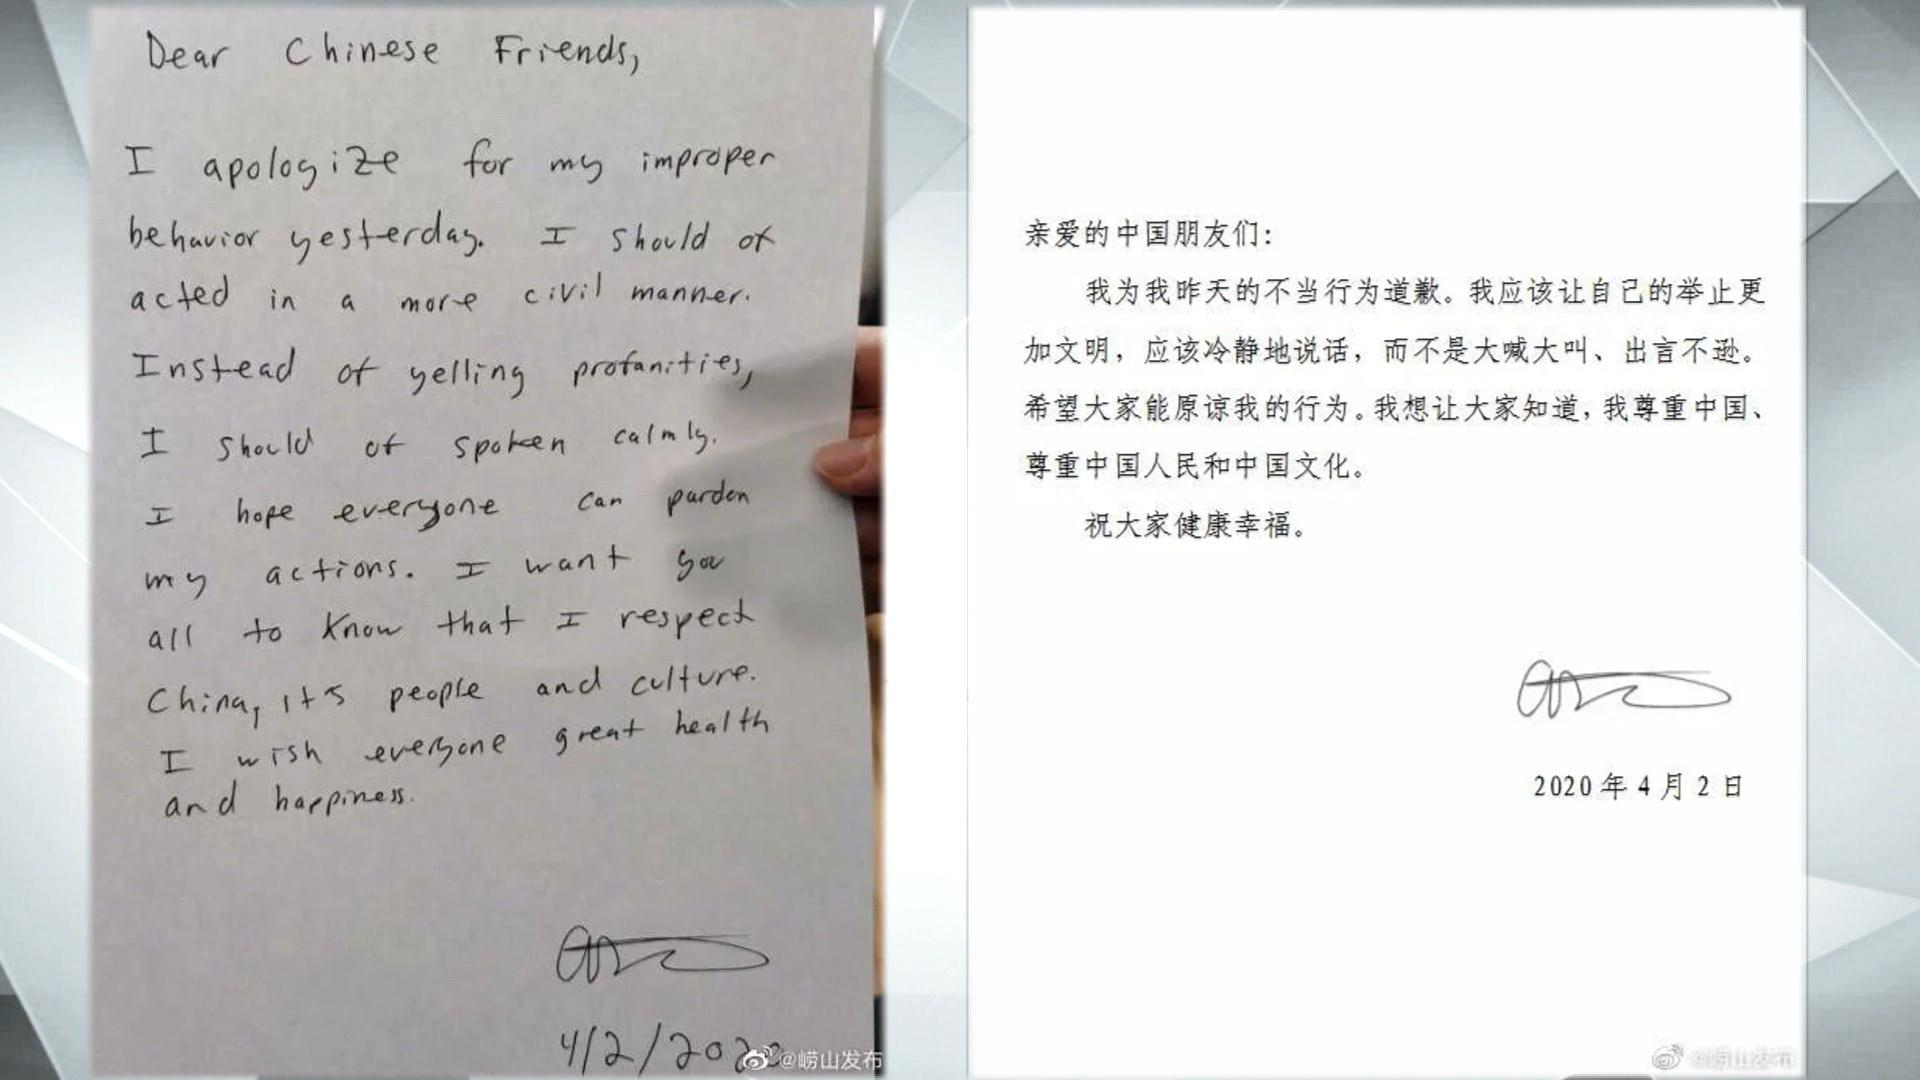 视频|外籍人士核酸检测野蛮插队 手写道歉信就够了?图片